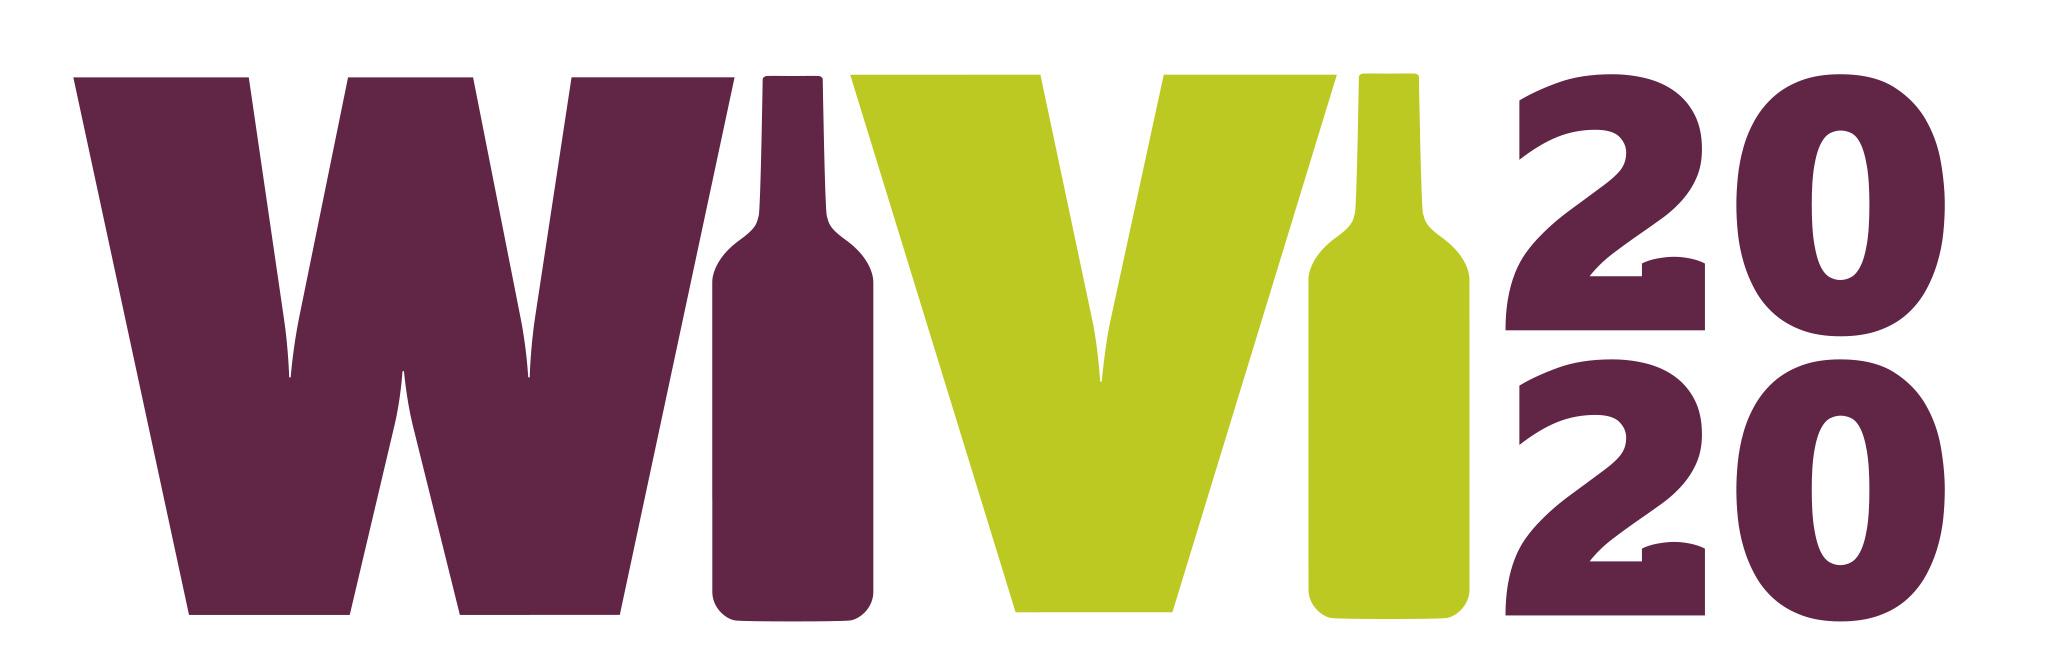 Wi Vi2020 Logo On White